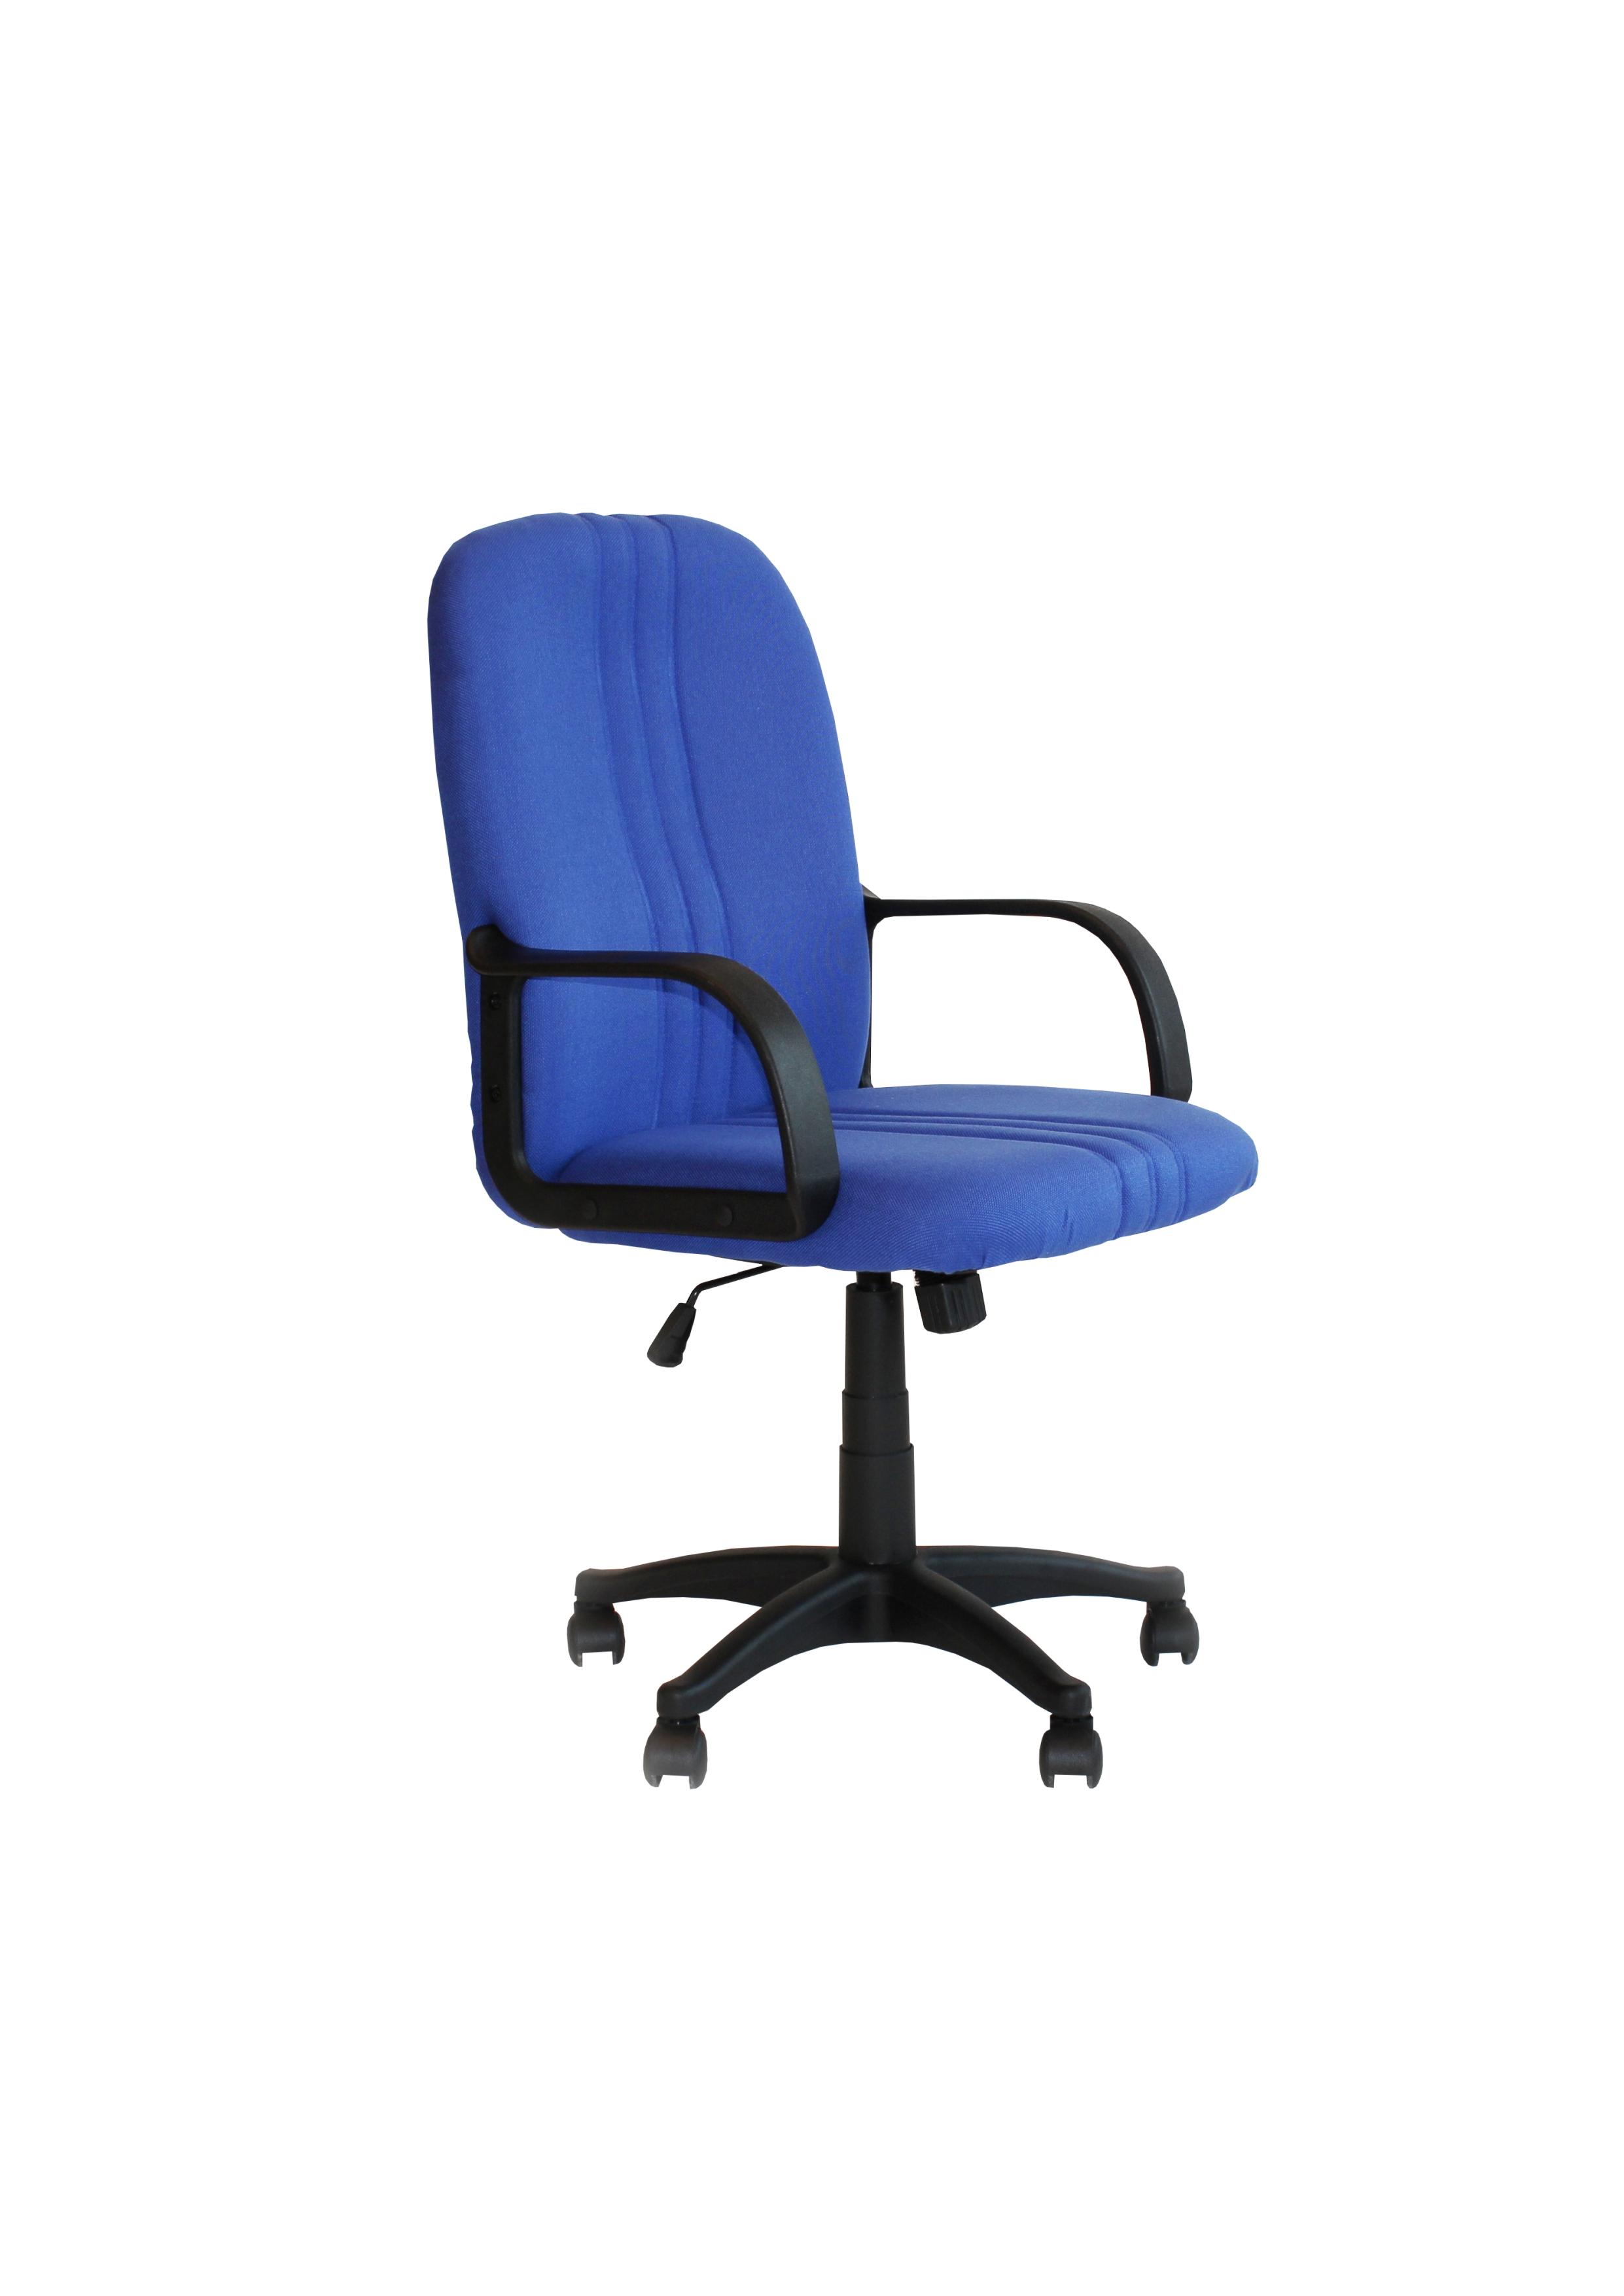 """Πολυθρόνα εργασίας """"ABSOLUTE"""" από ύφασμα σε χρώμα μπλε 63x68x105/115"""